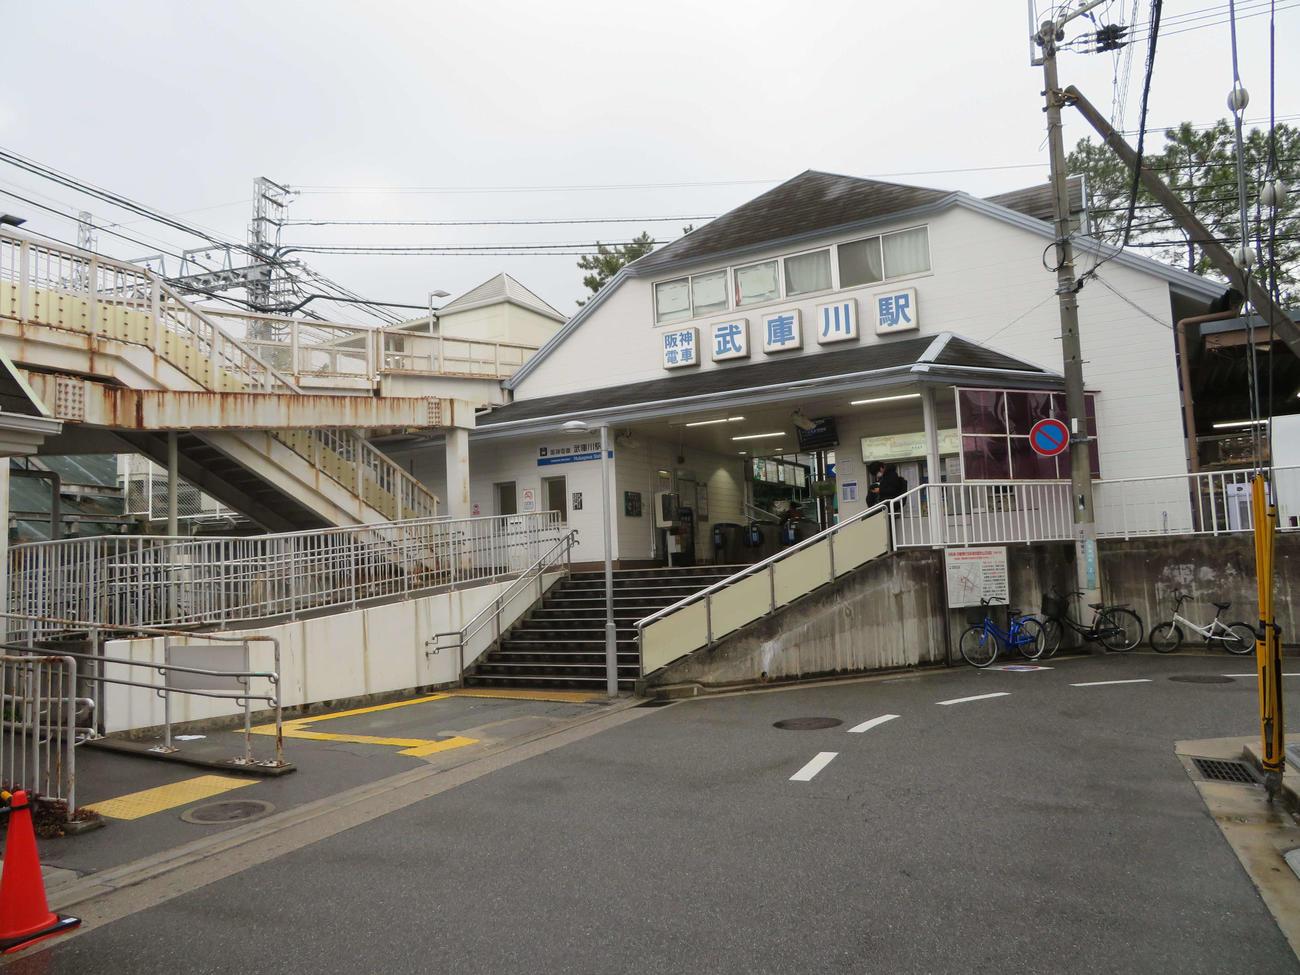 〈2〉武庫川線の起点である武庫川駅(西宮側改札)